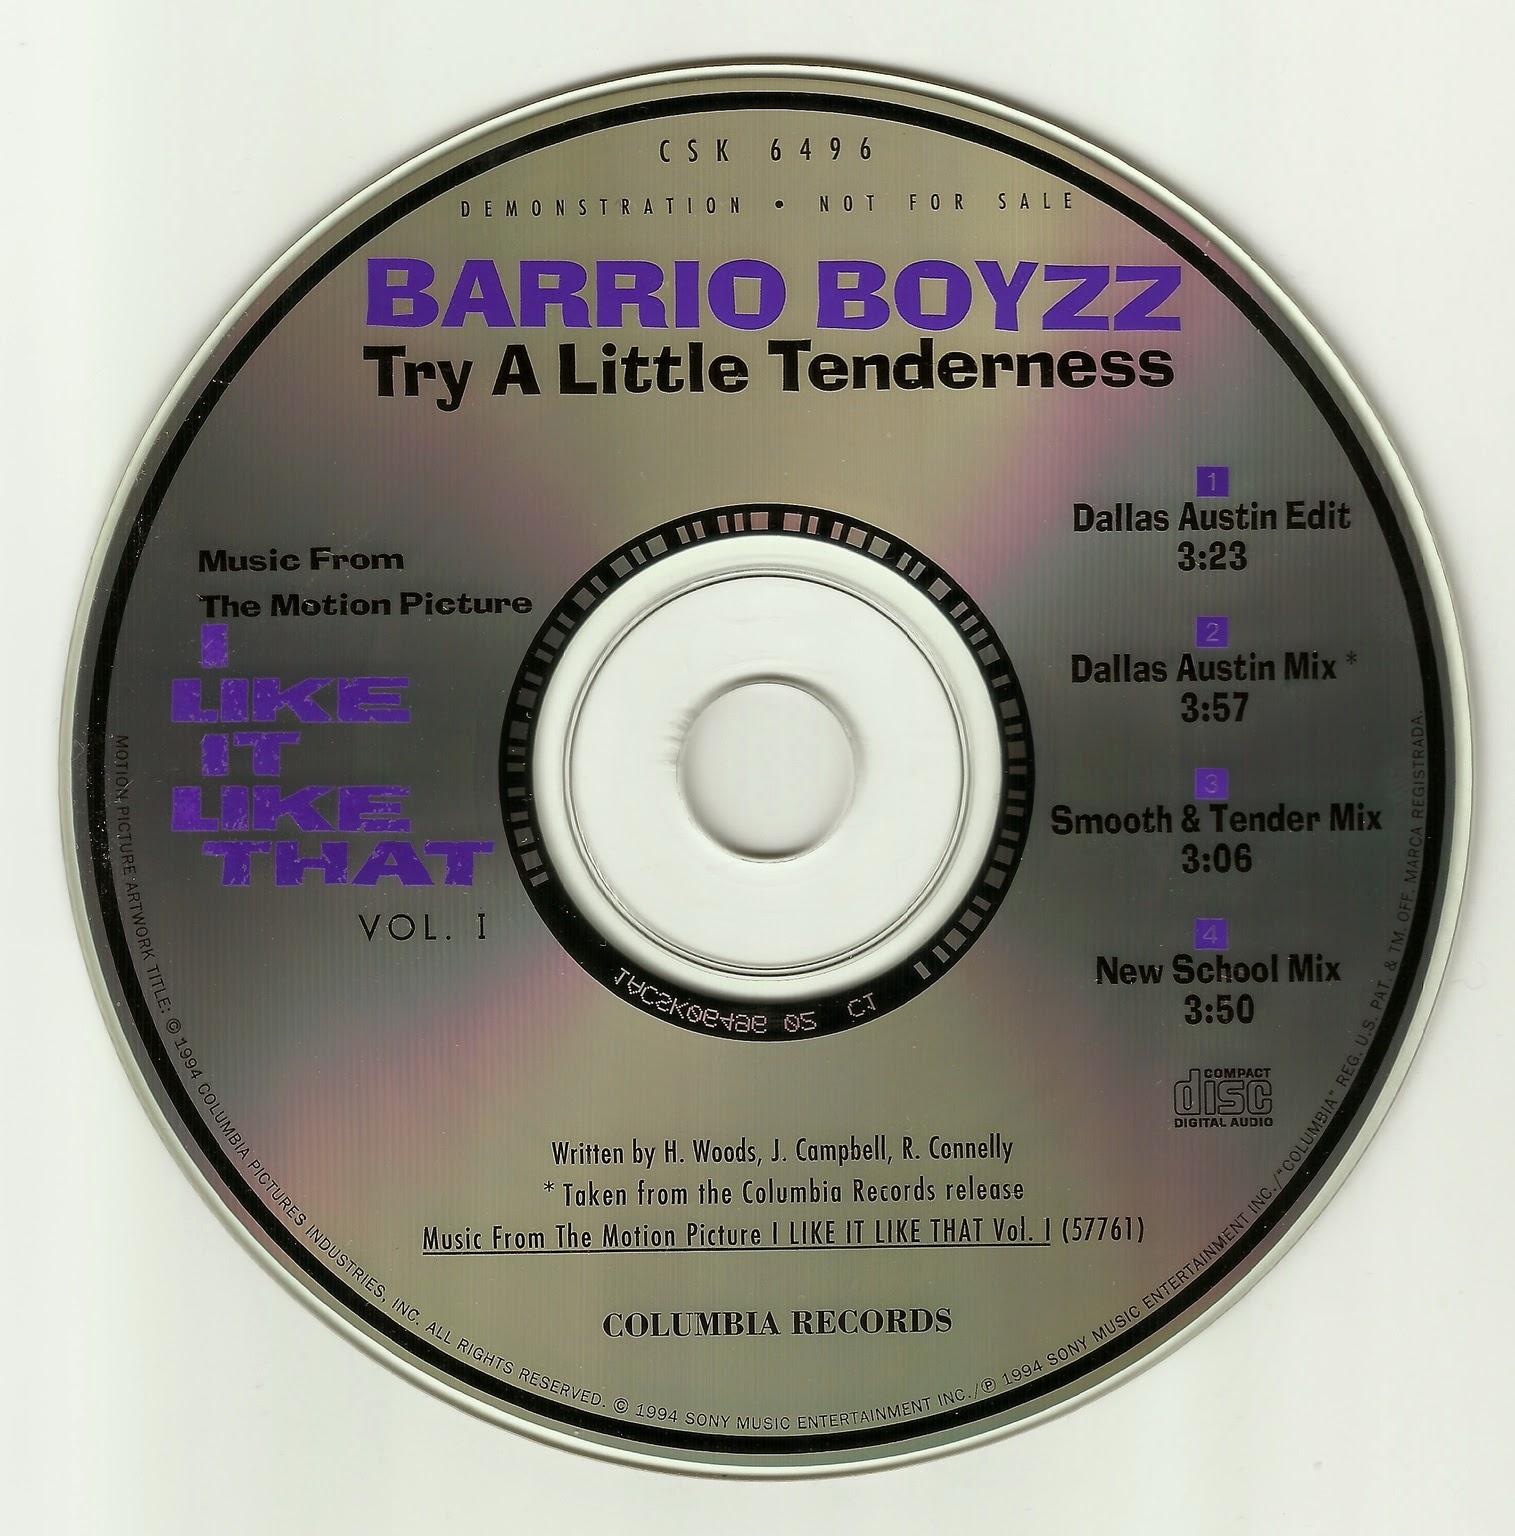 Barrio Boyzz - Try A Little Tenderness